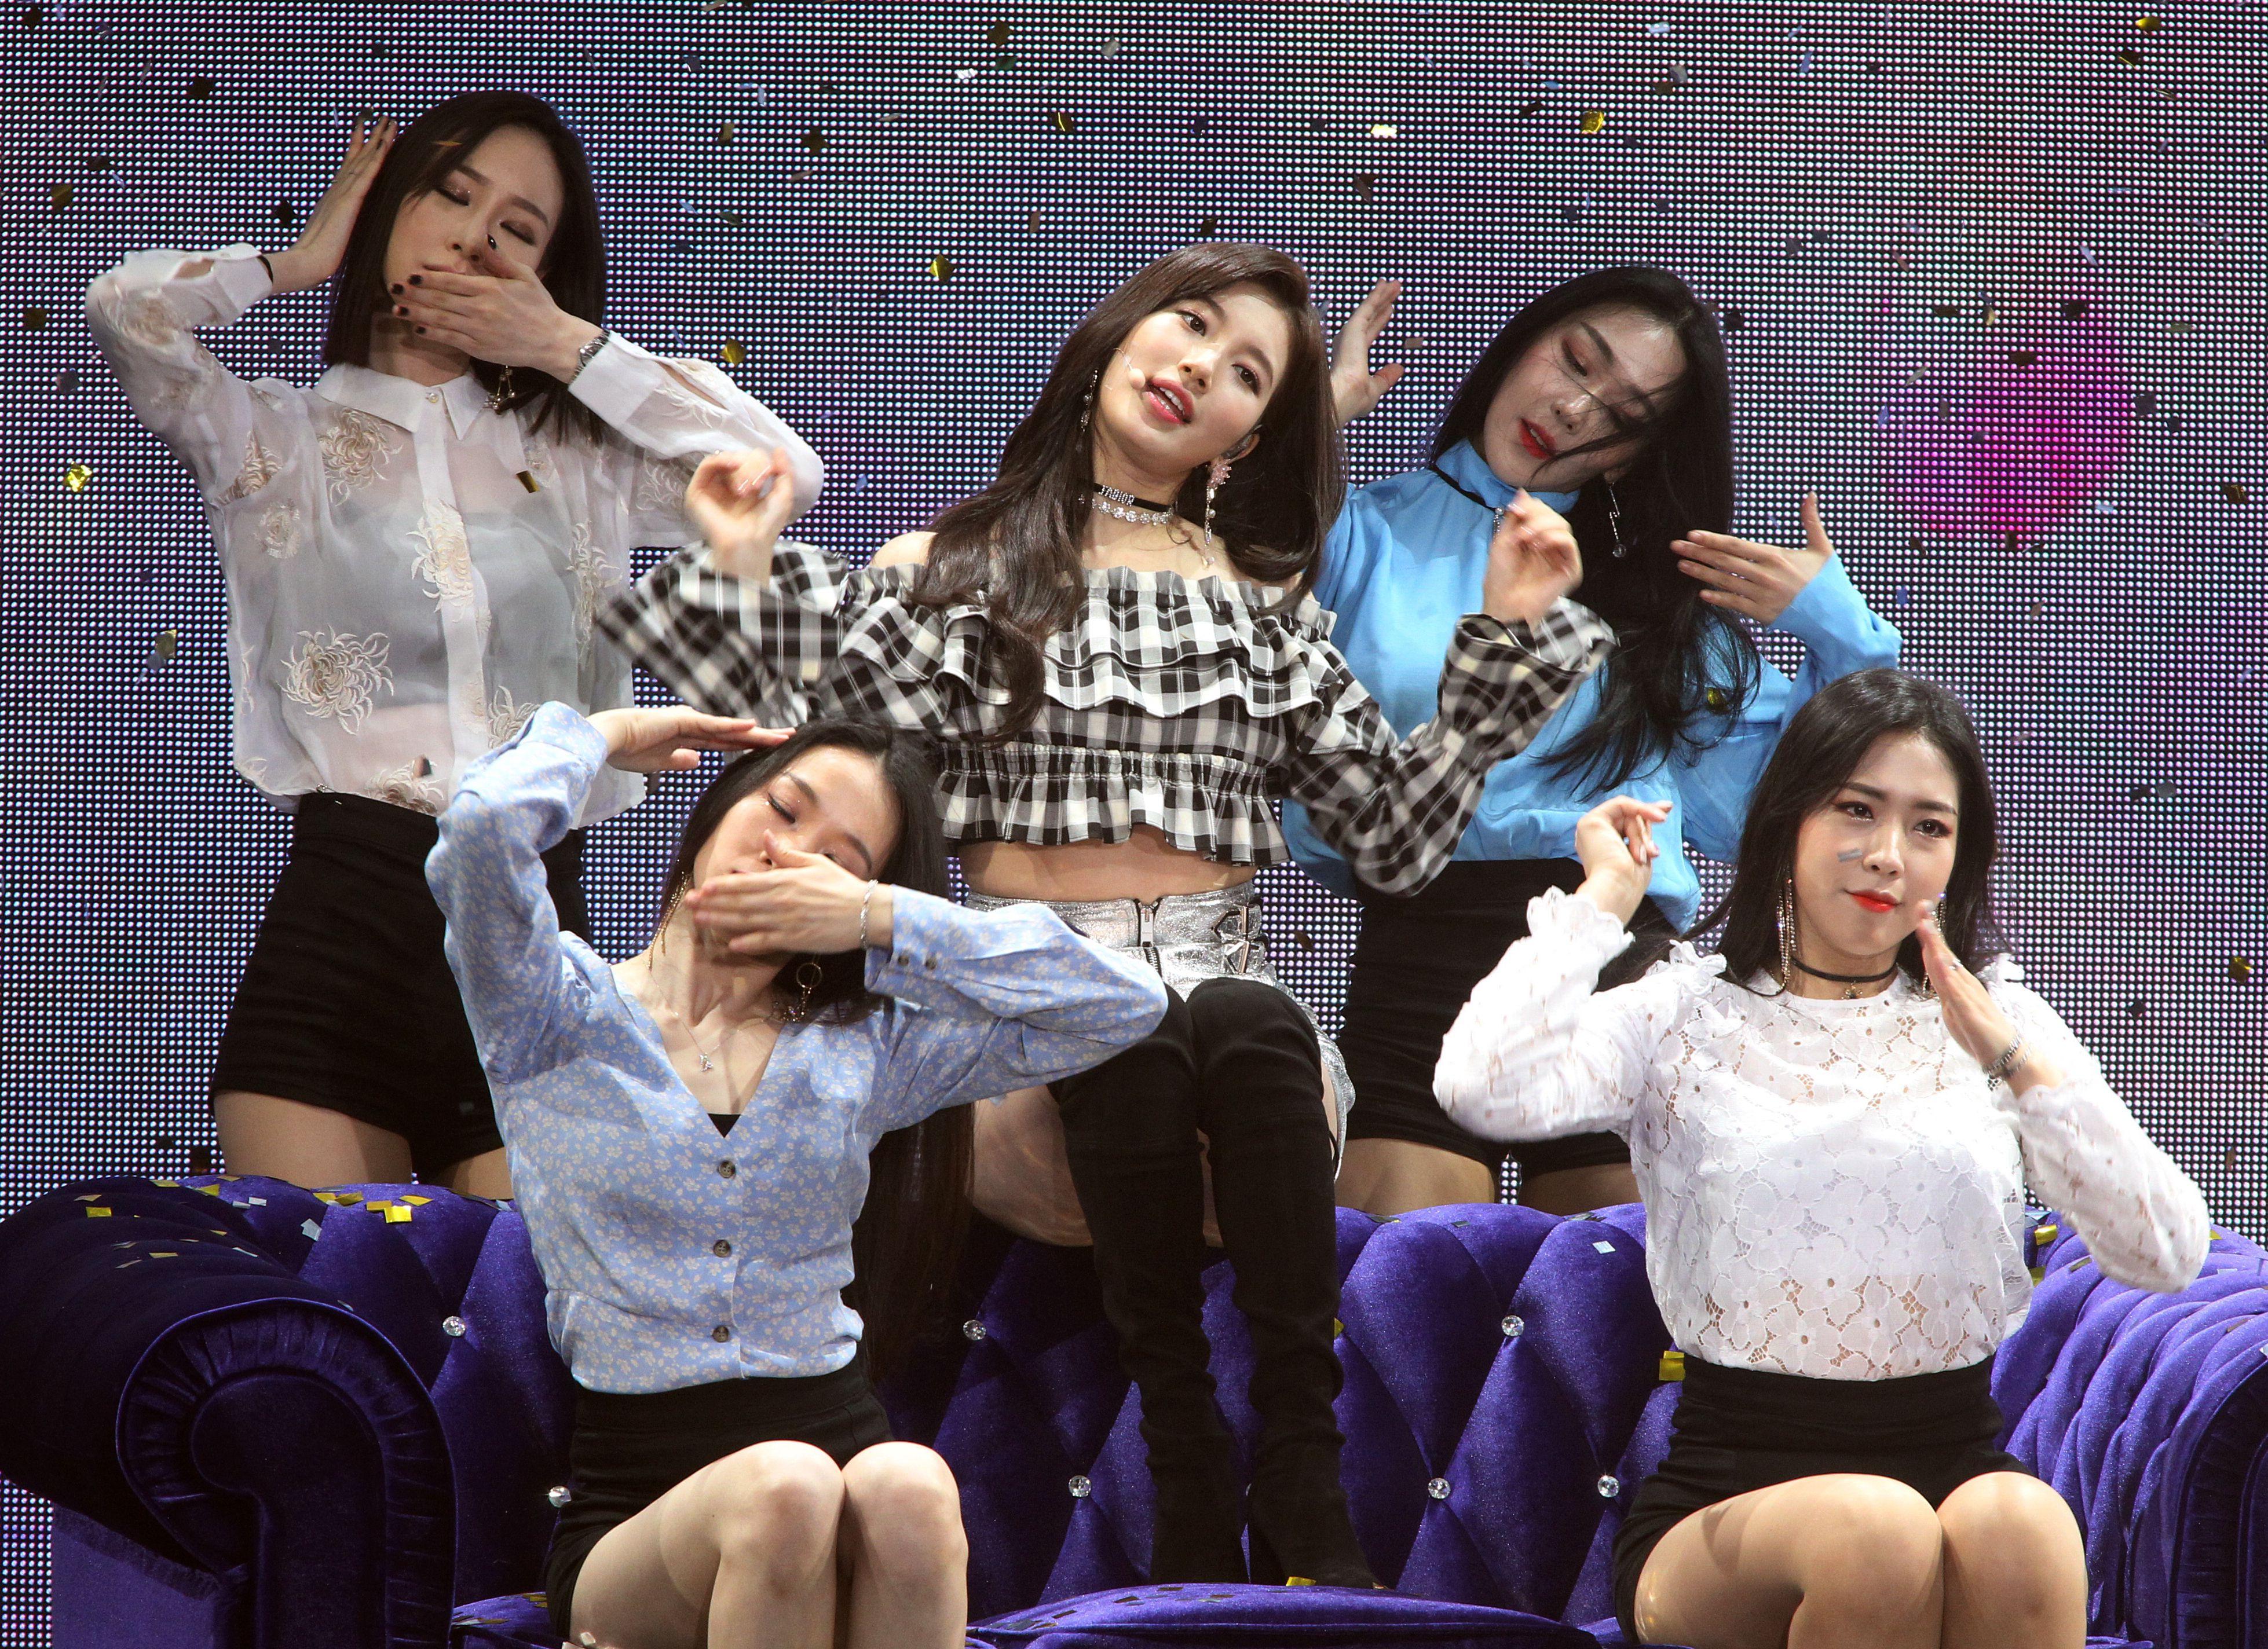 國民初戀裴秀智巡迴見面會台北首站,現場載歌載舞跟粉絲互動。(記者邱榮吉/攝影)